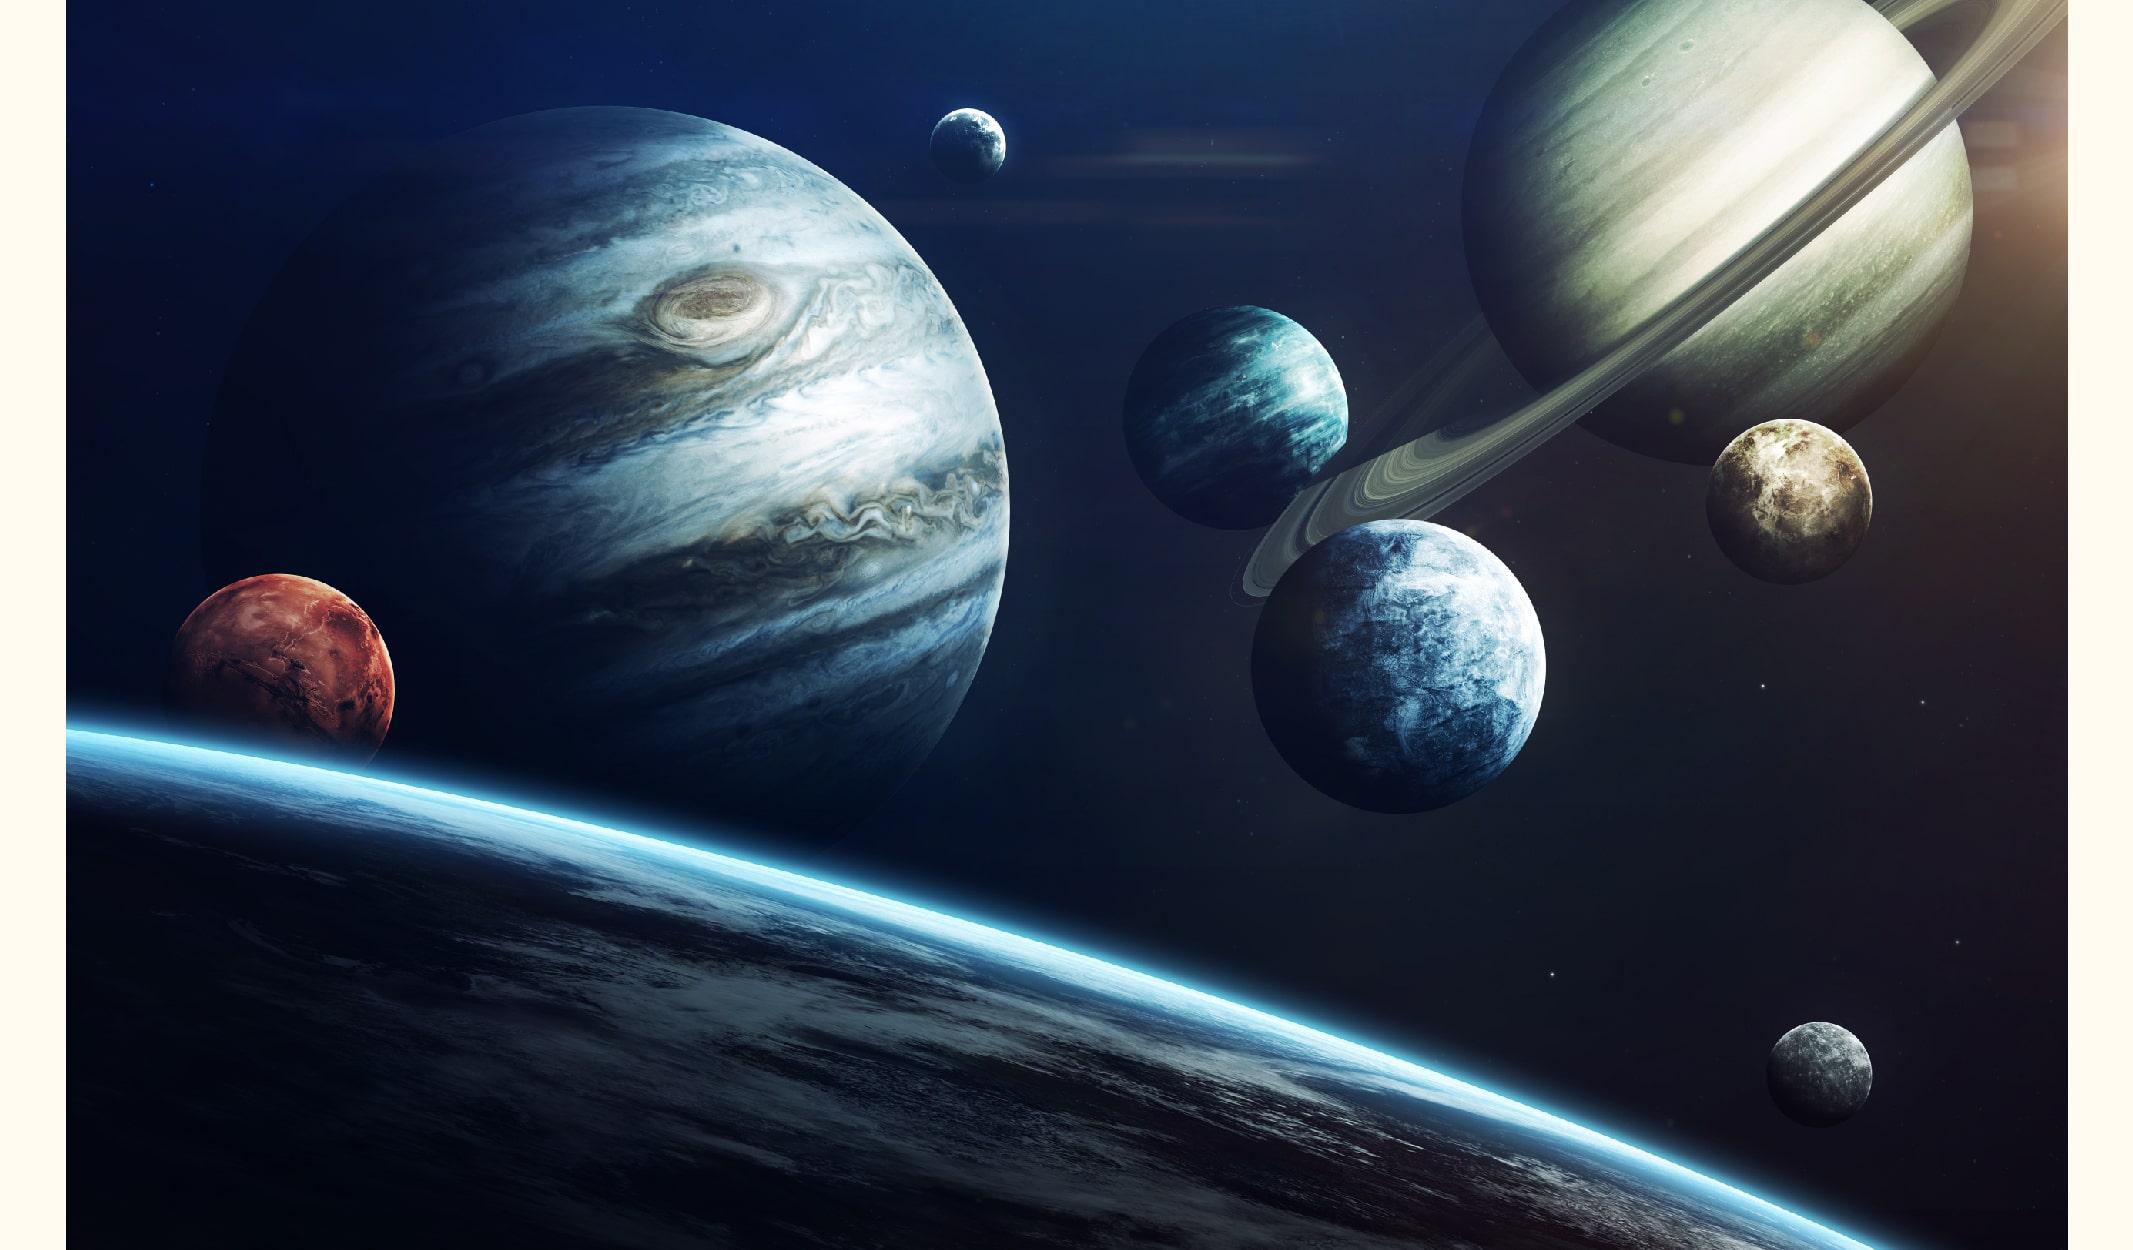 dünya, mars, jüpiter, uranüs